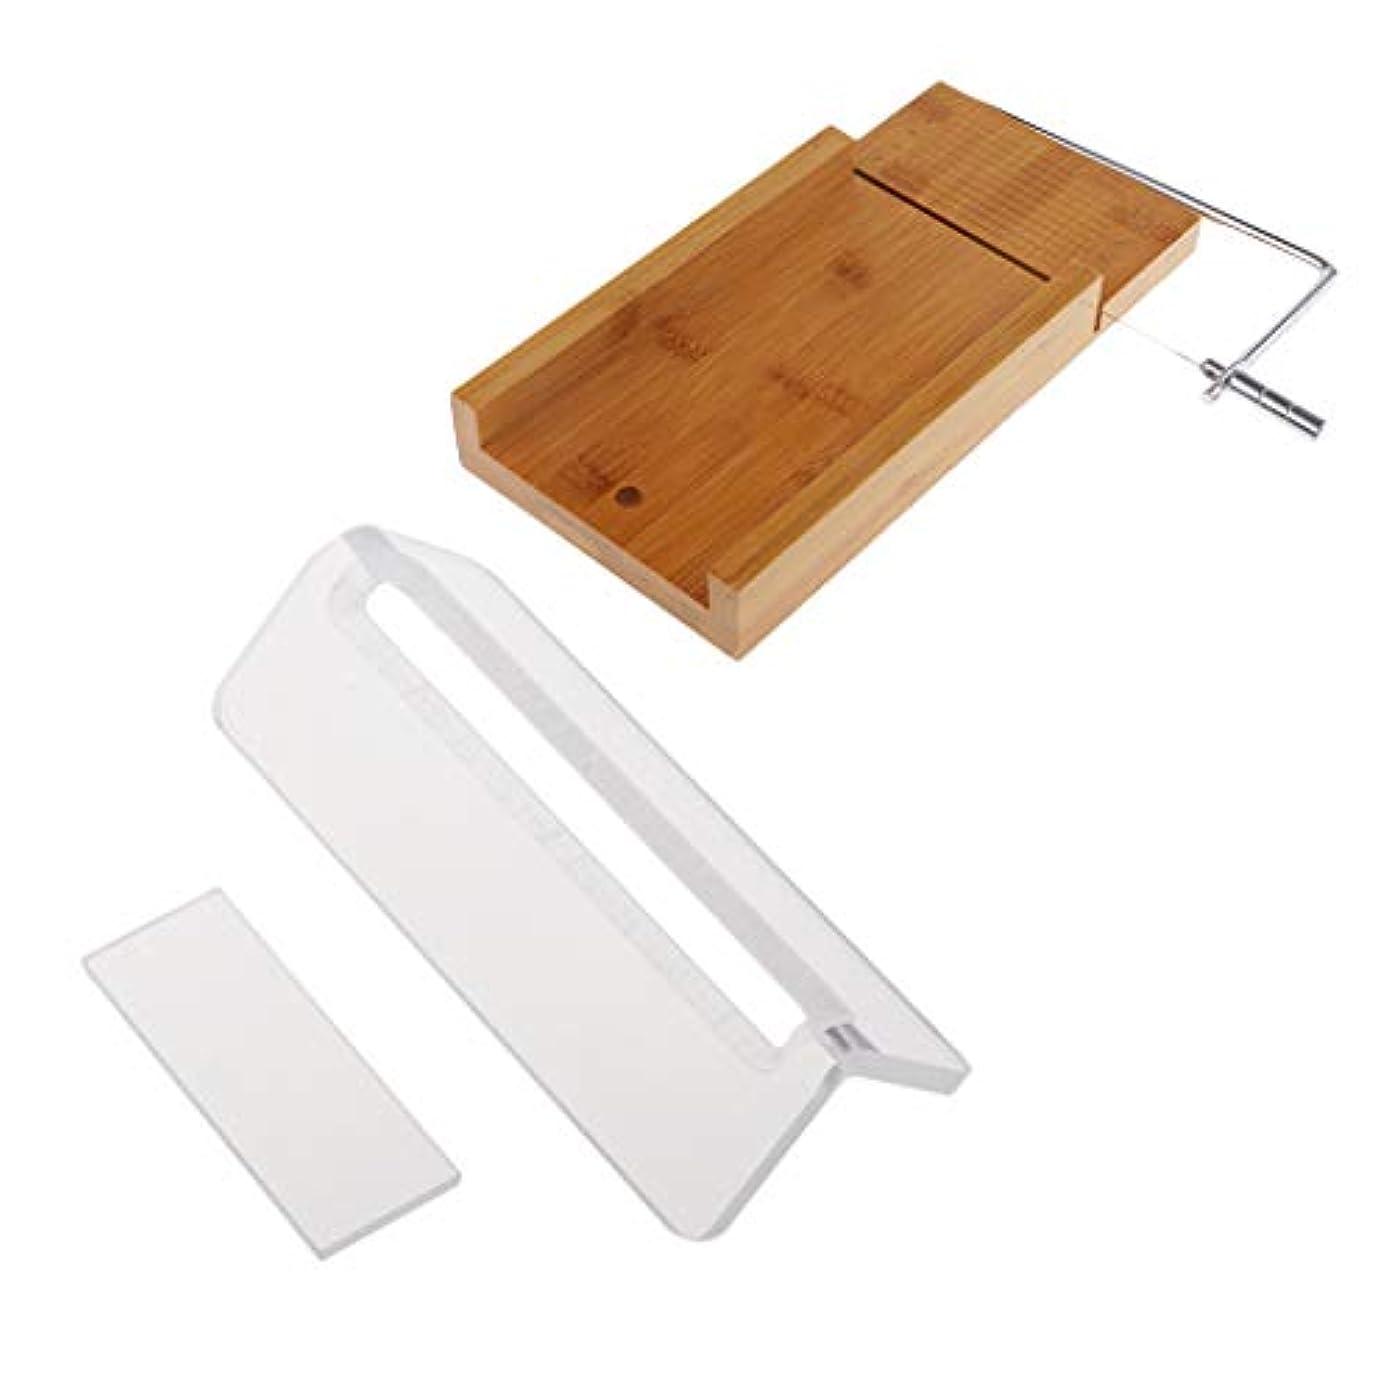 省略考古学退却FLAMEER ローフカッター 木製 ソープ包丁 石鹸カッター 手作り石鹸 DIY キッチン用品 2個入り